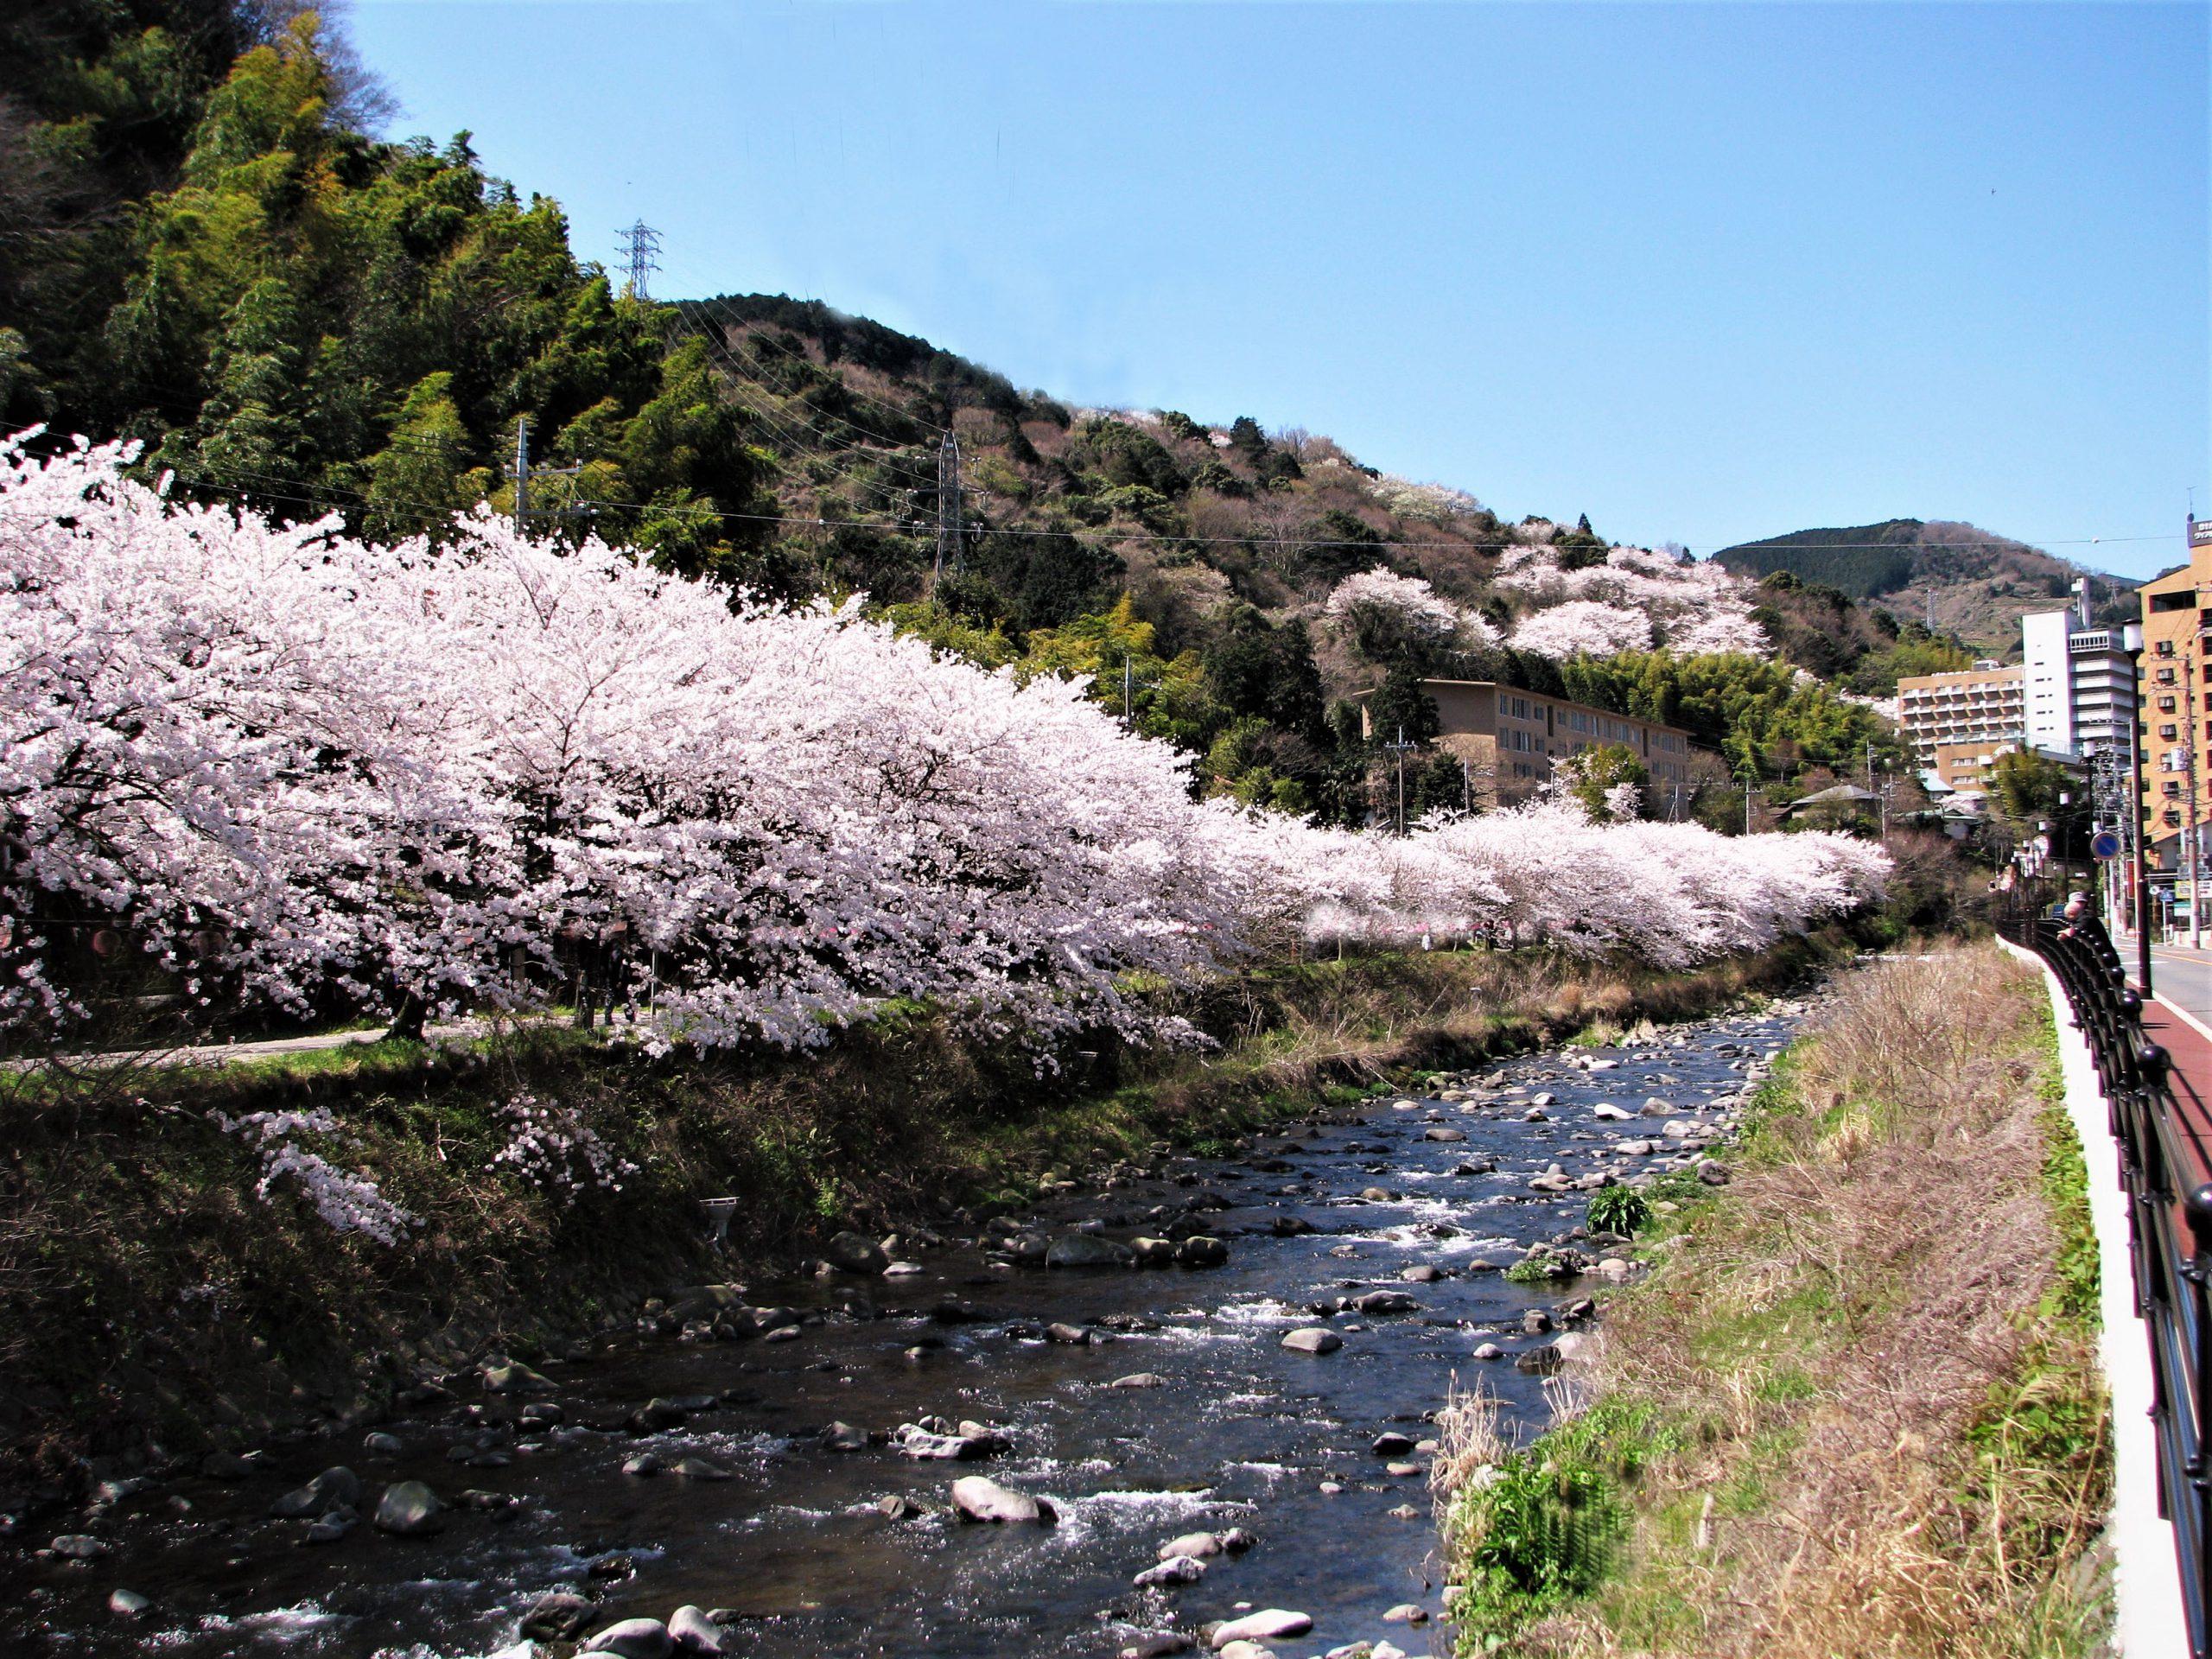 3/18ゆがわら温泉千歳川沿い桜並木ライトアップ開始!